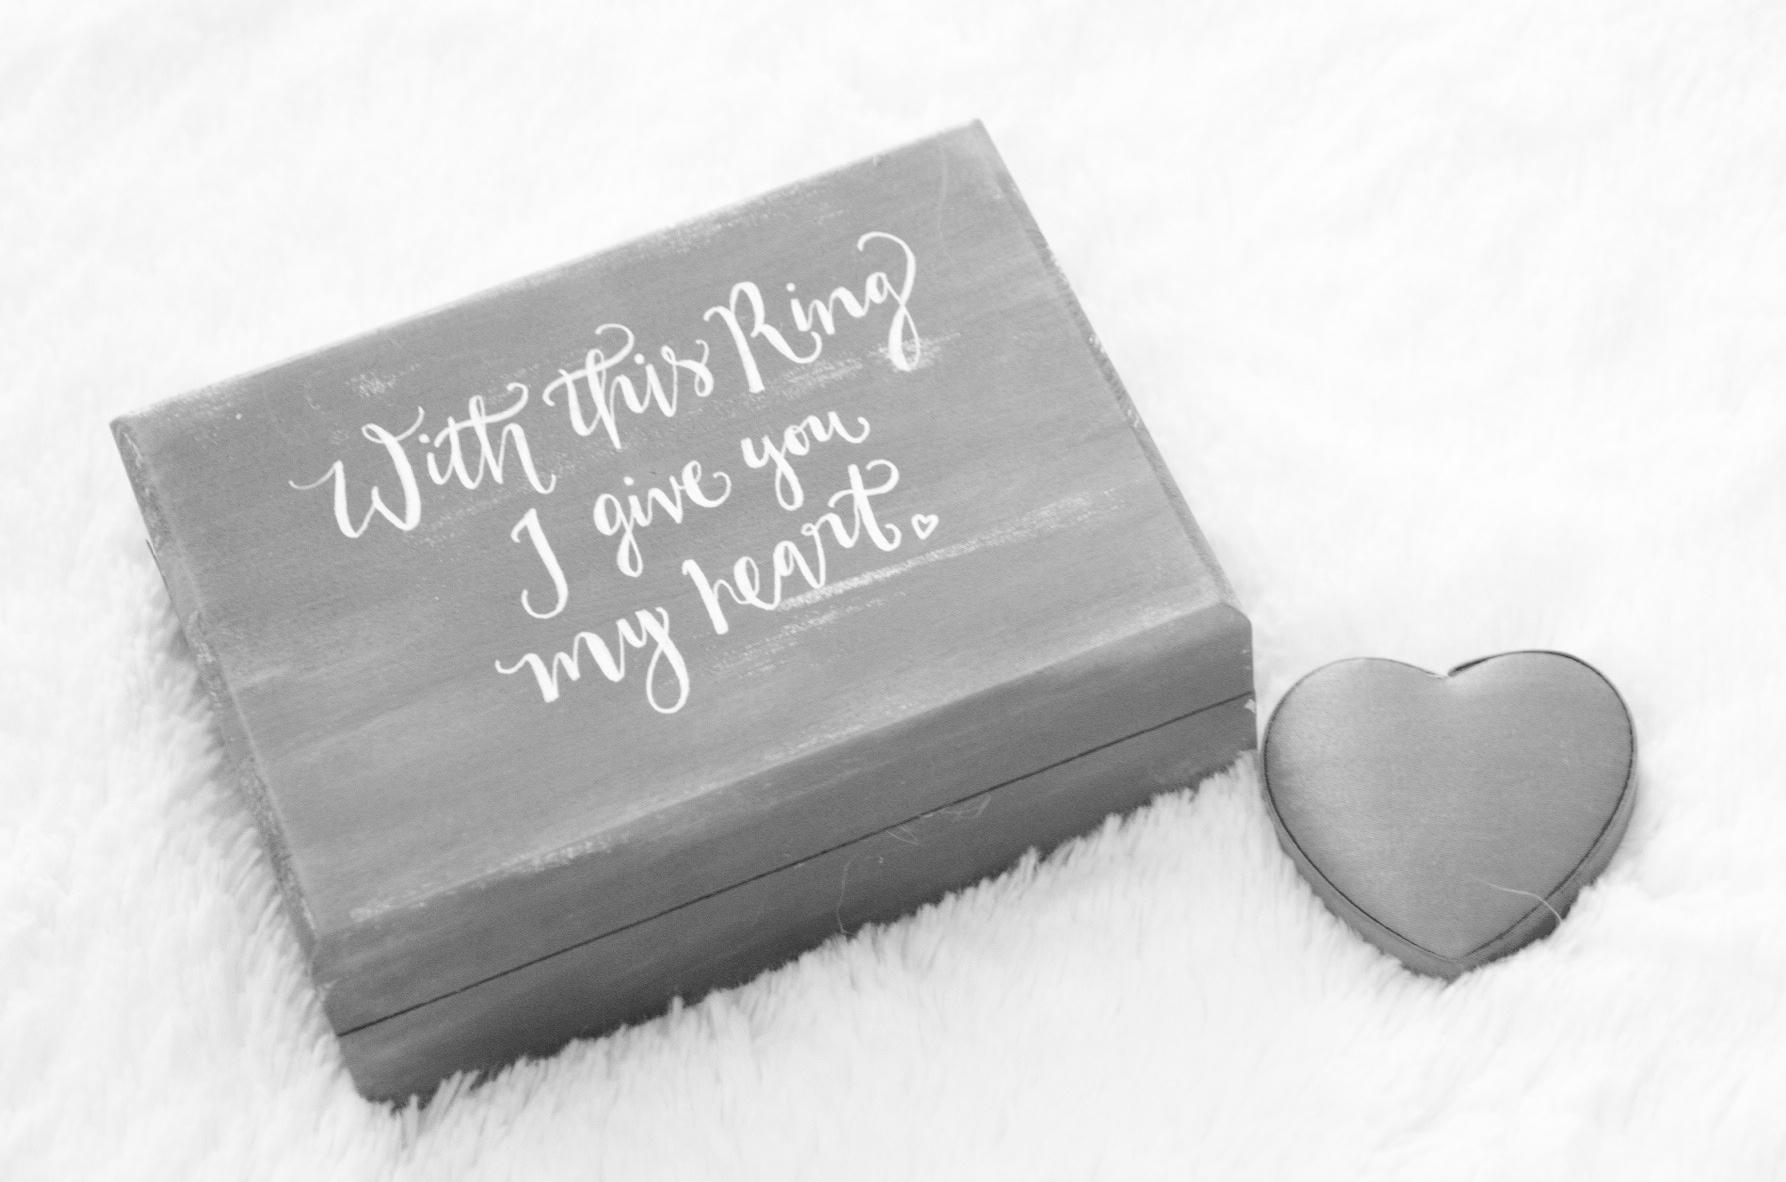 le coeur dans les etoiles - wedding planner - provence - luberon - organisation - mariage - luberon - bastide des songes - seminaire - événements